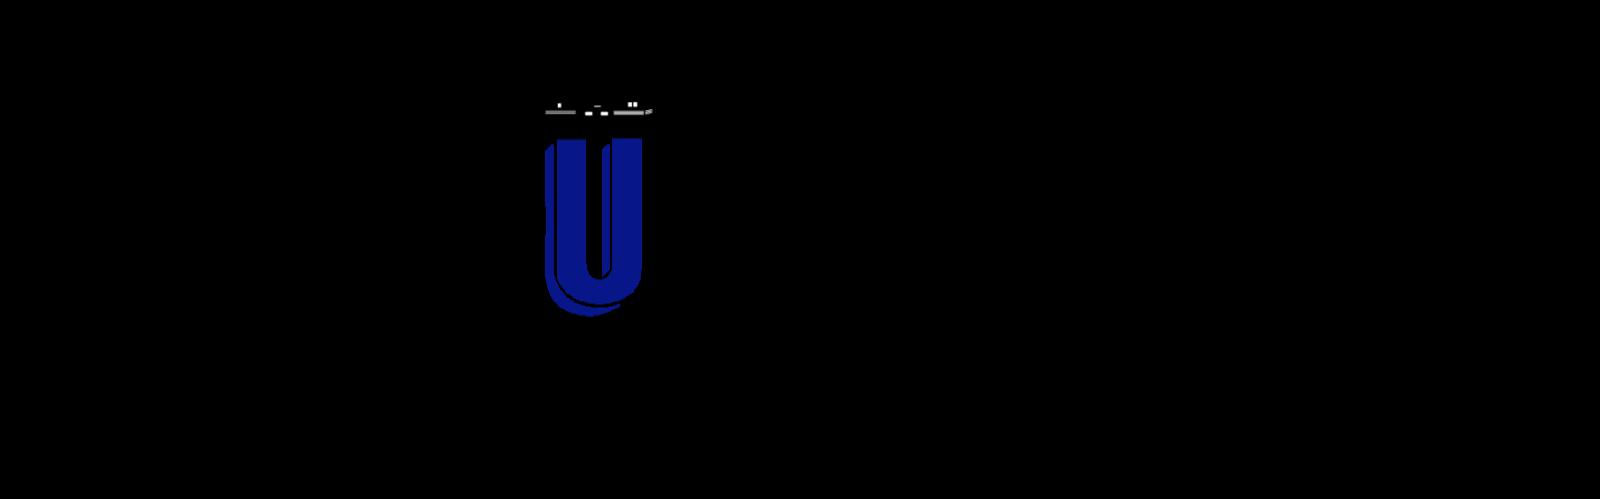 Cushwa Brewing Co logo